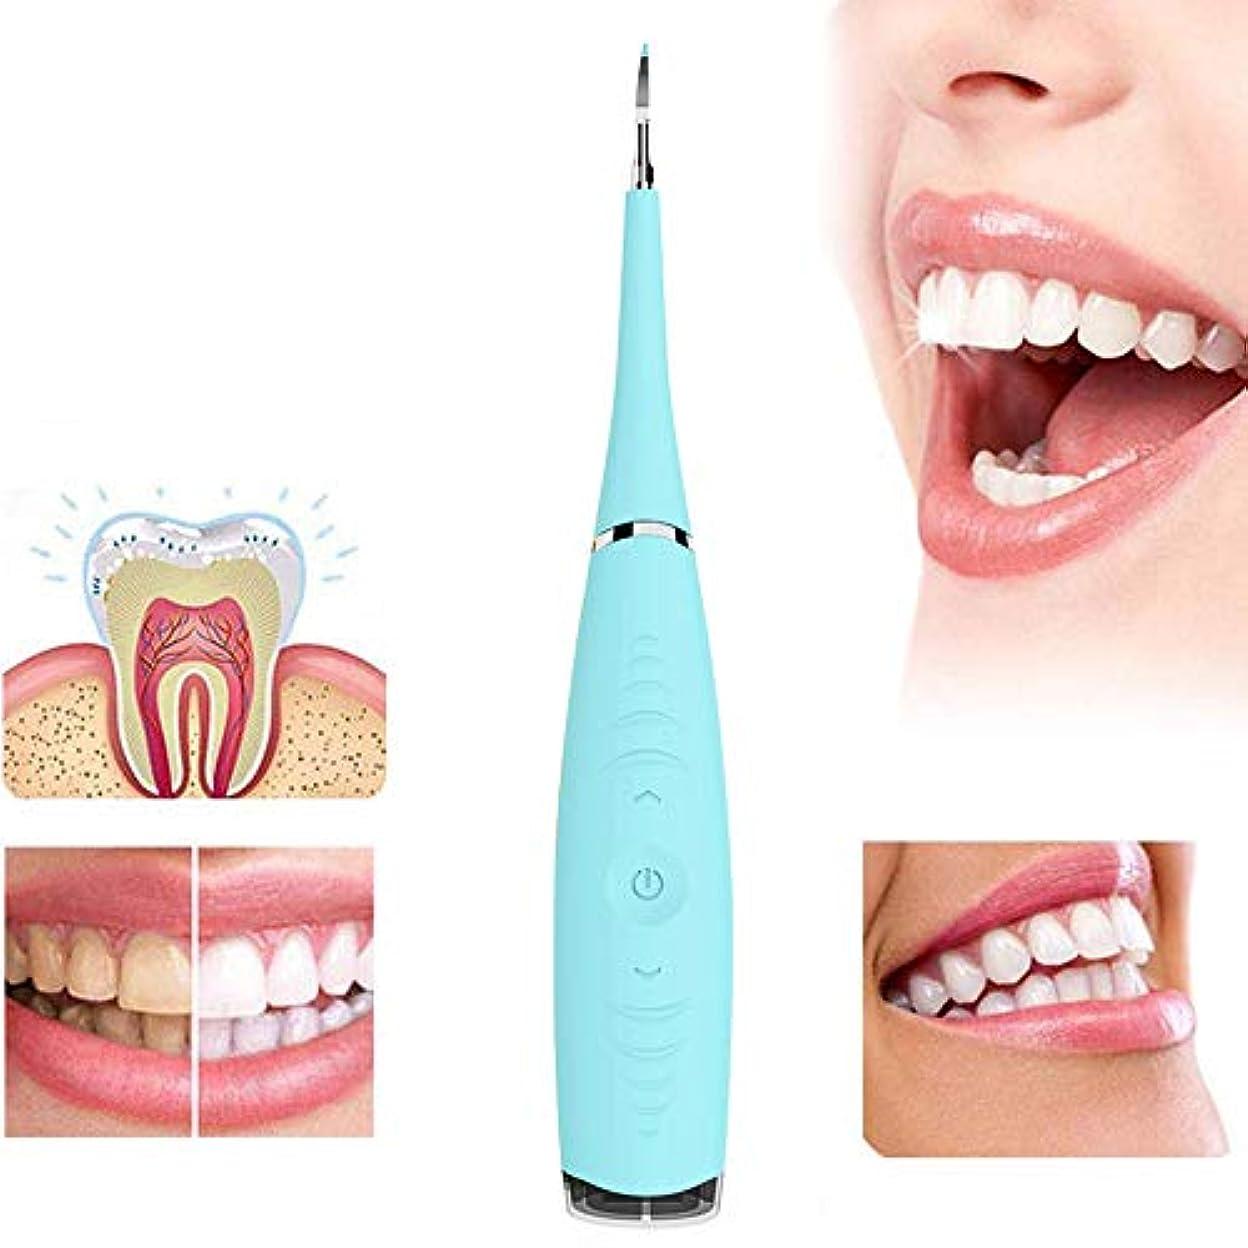 どうやらボーカルどうやら歯をホワイトニング電動歯石除去ツール防水ステンレス鋼歯石スクレーパー歯のクリーニング消しゴム